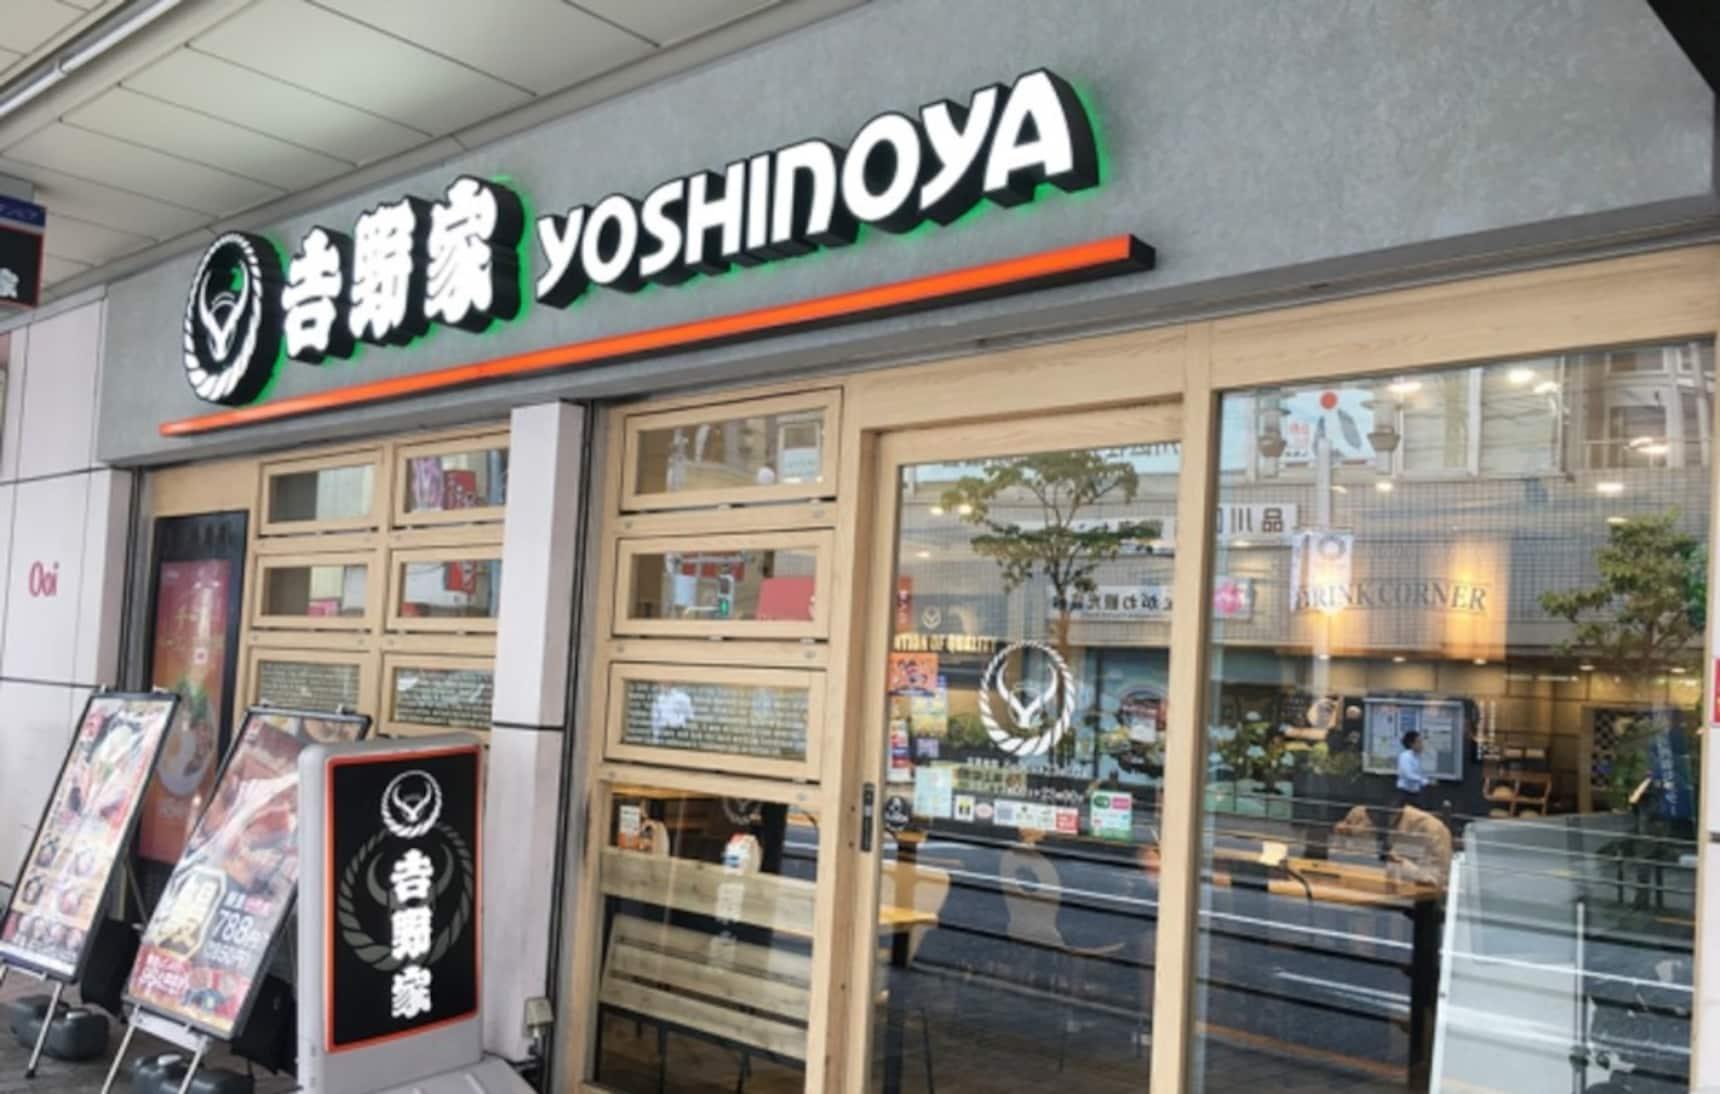 The New Yoshinoya is Beefing Up its Style